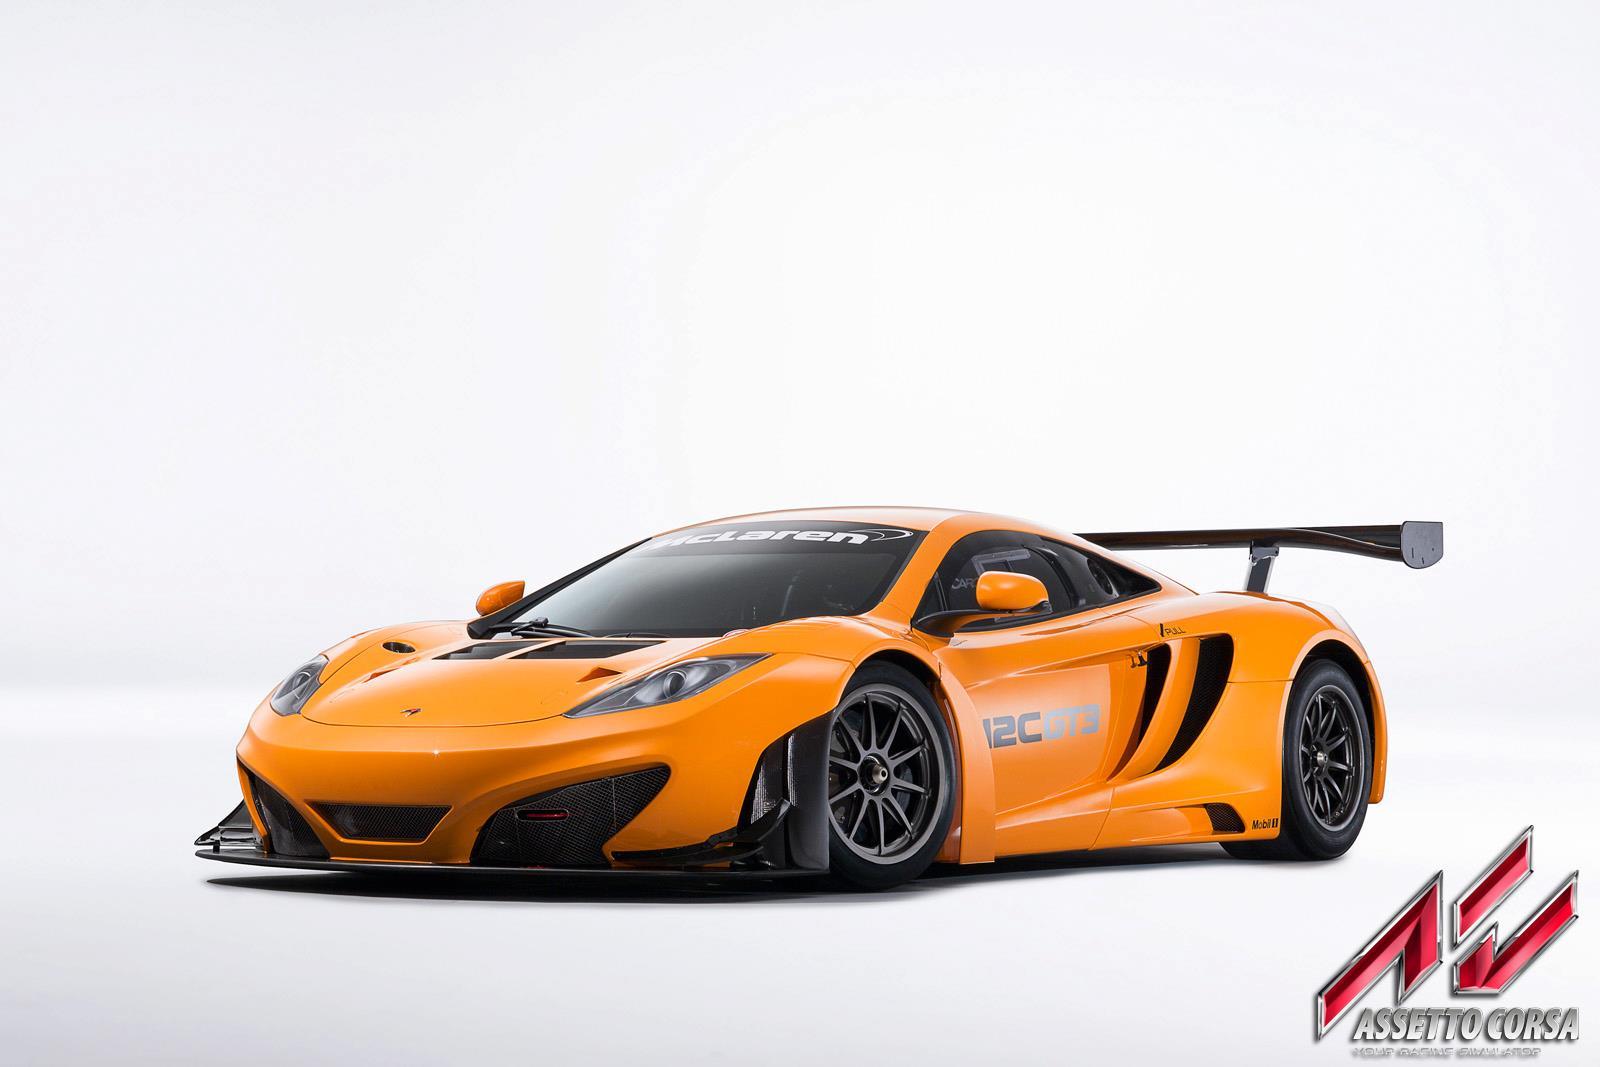 Assetto Corsa: Hivatalos megállapodás a McLarennel